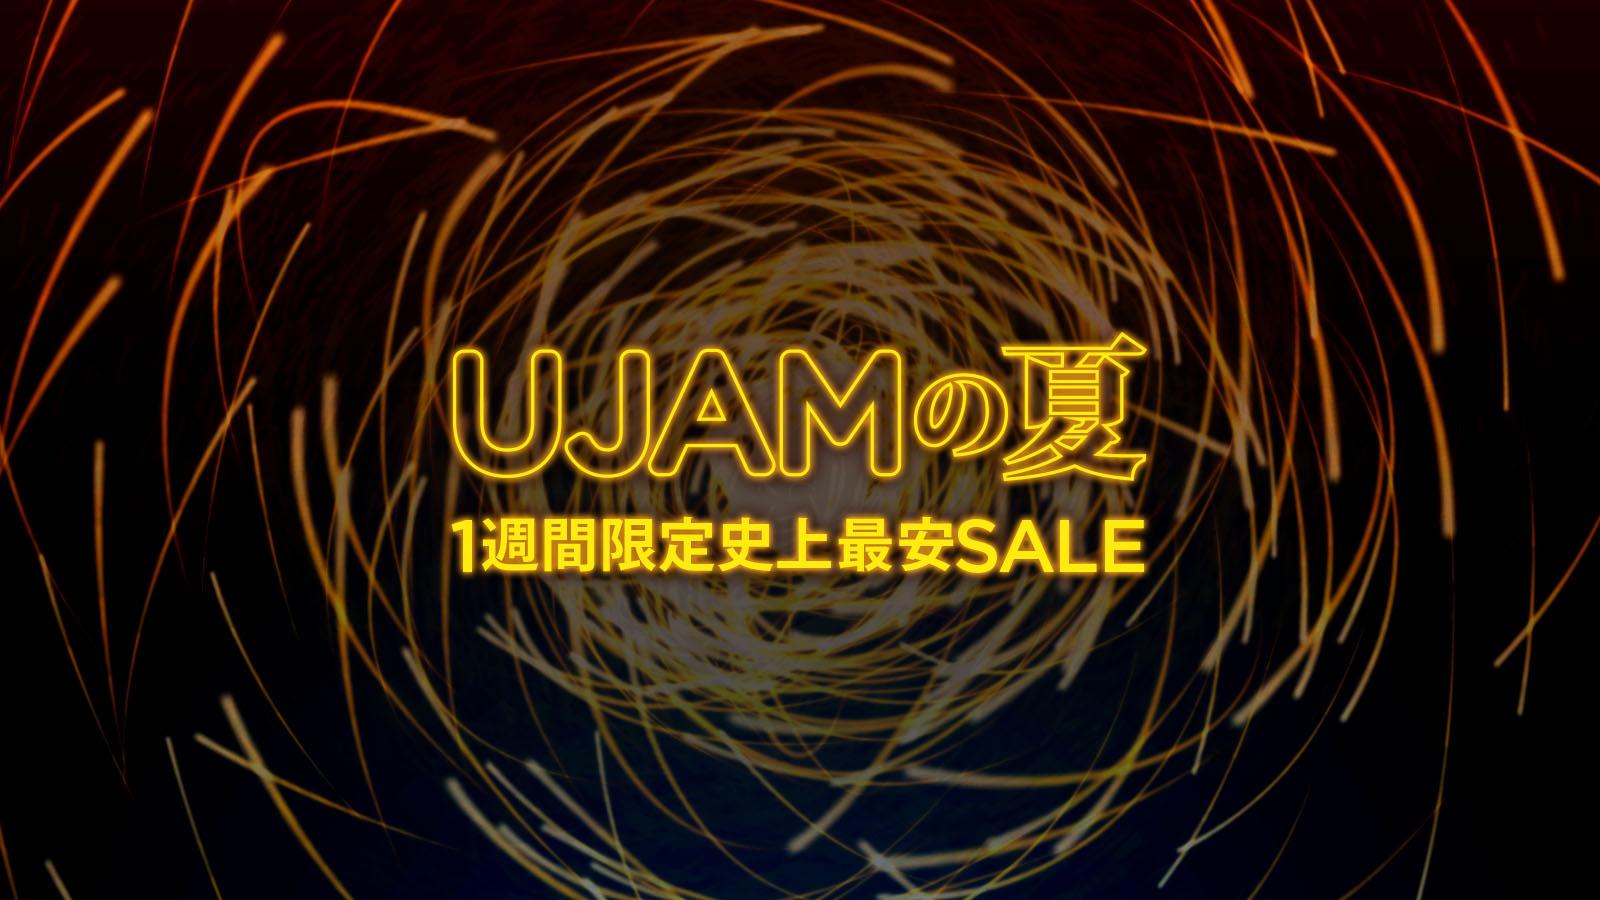 UJAM 1週間限定の史上最安SALE開催!